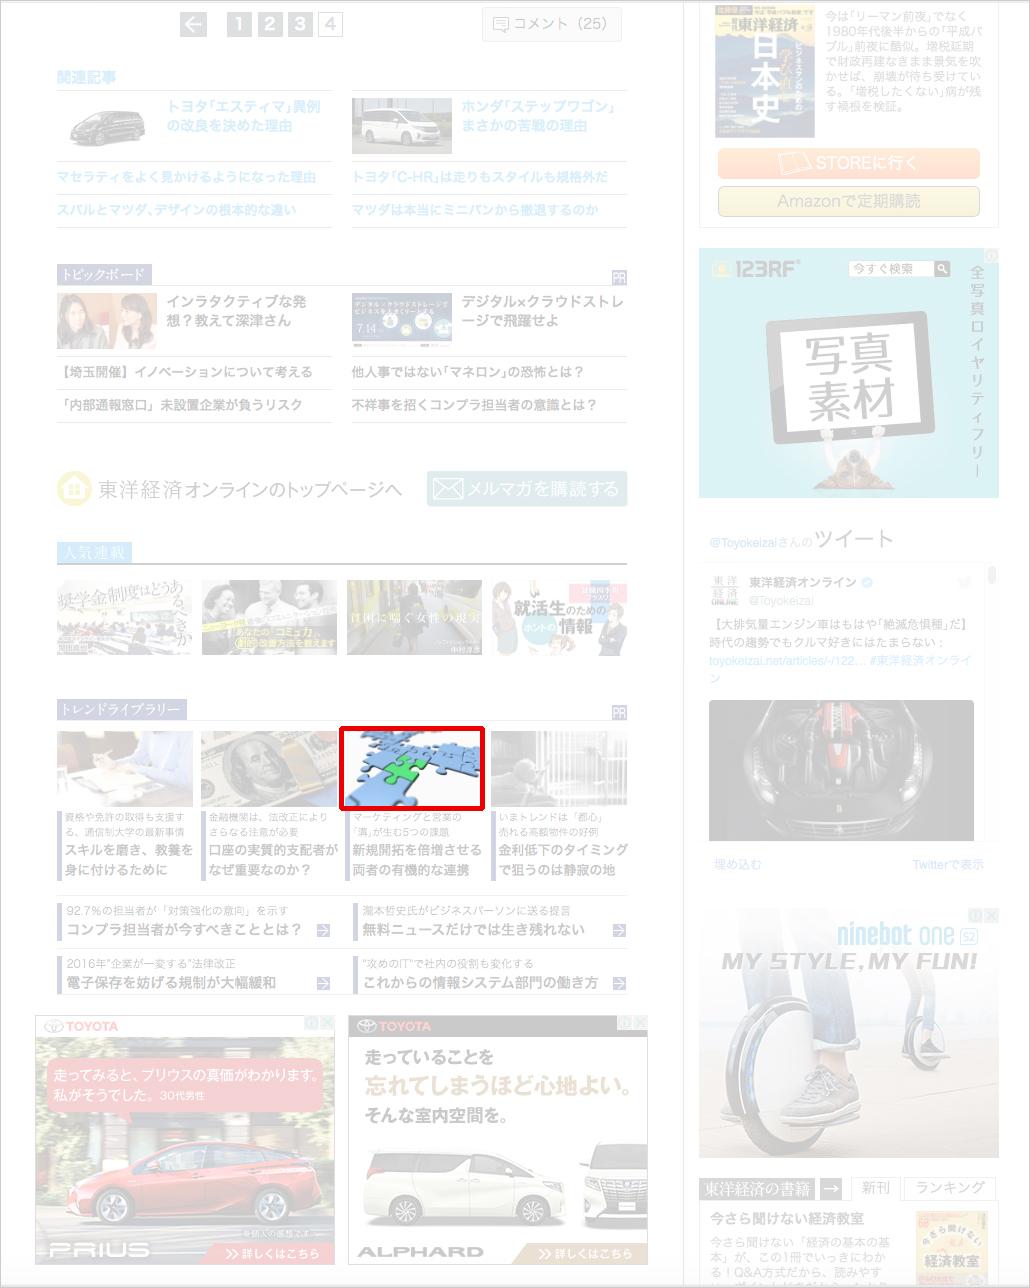 日経ウェブ版にサムネールを発見